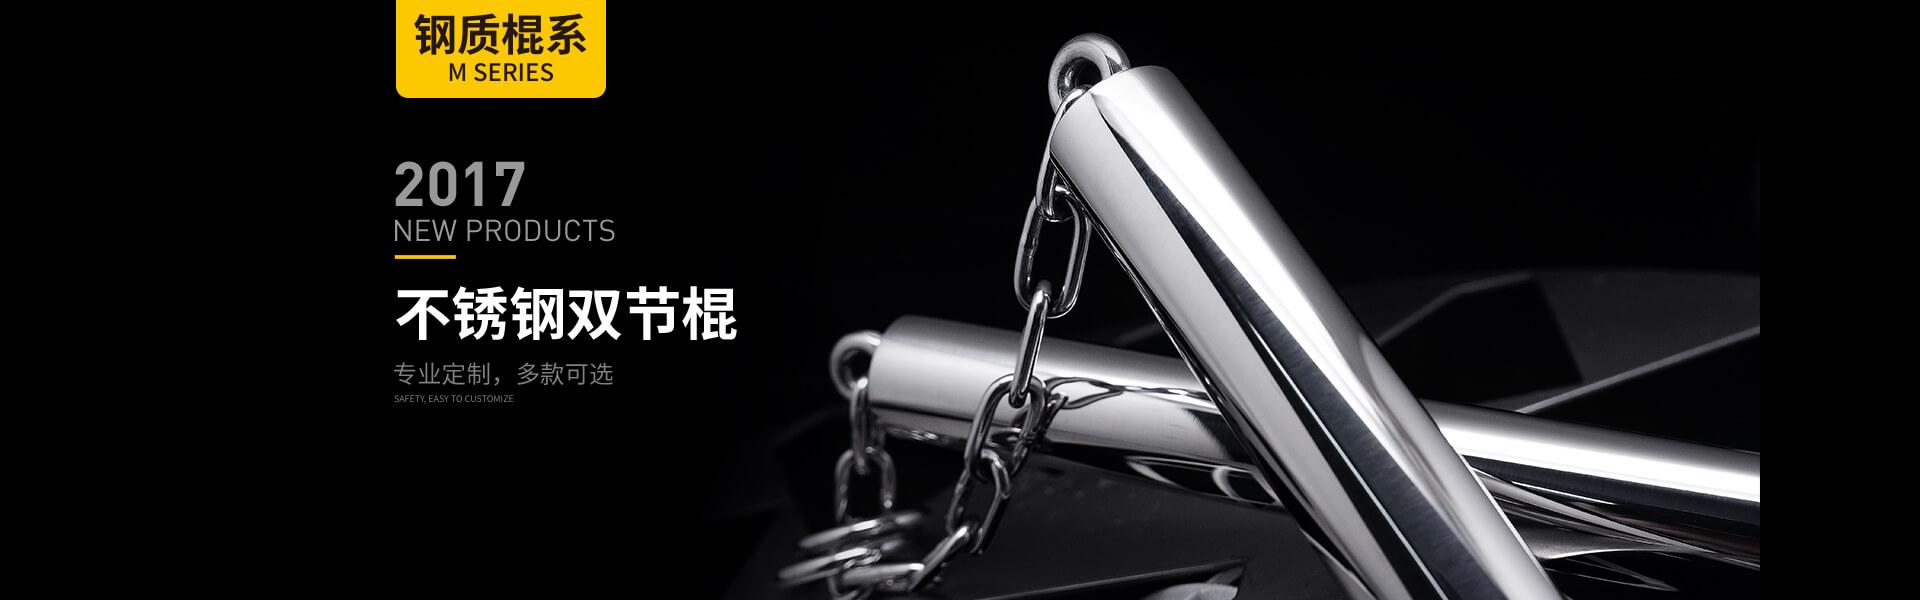 银焰·IGNITE 不锈钢双节棍 降龙系列